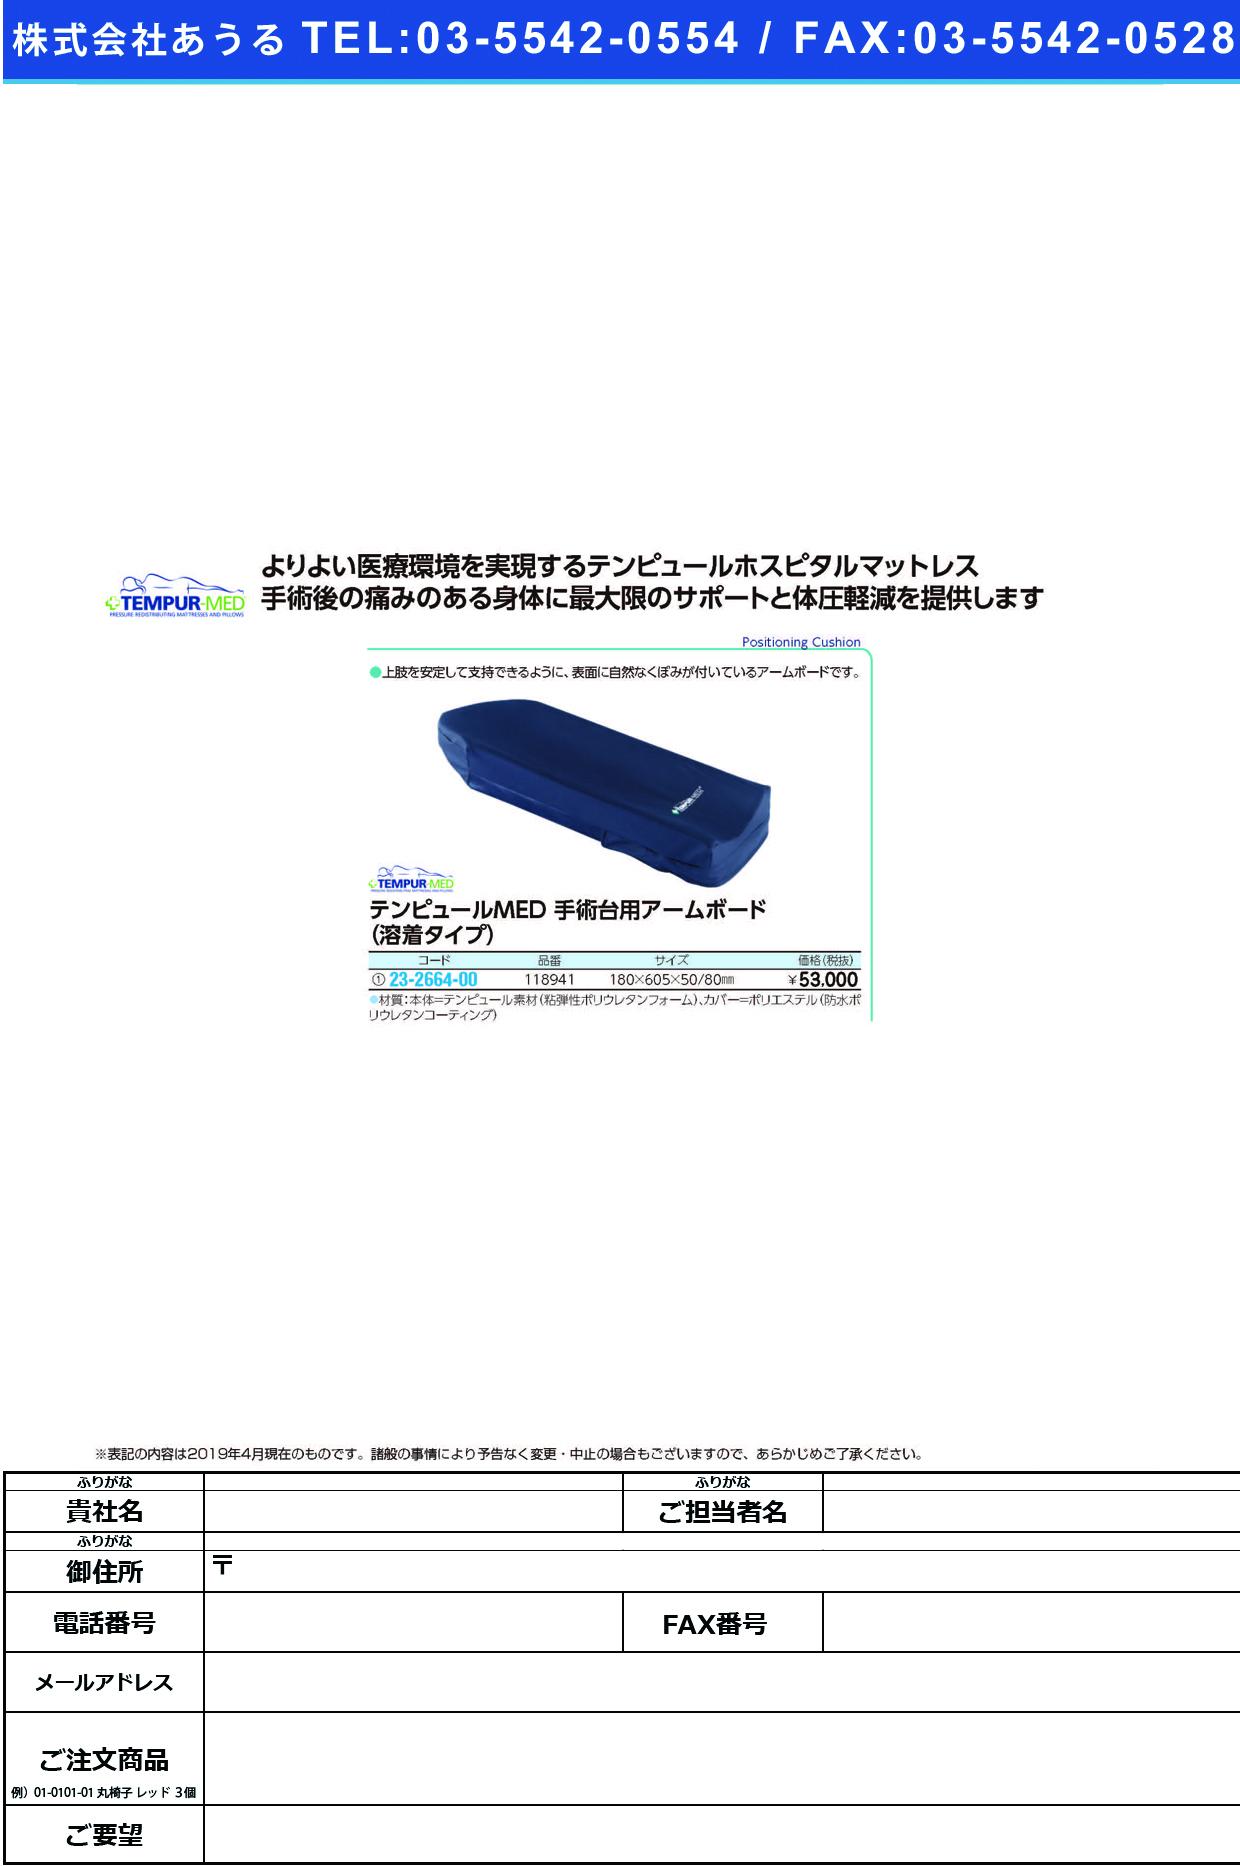 (23-2664-00)MED手術台用アームボード(溶着) 118941(18X60.5X5/8) ルMEDシュジュツダイアームボート(テンピュール・シーリー・ジャパン)【1個単位】【2019年カタログ商品】